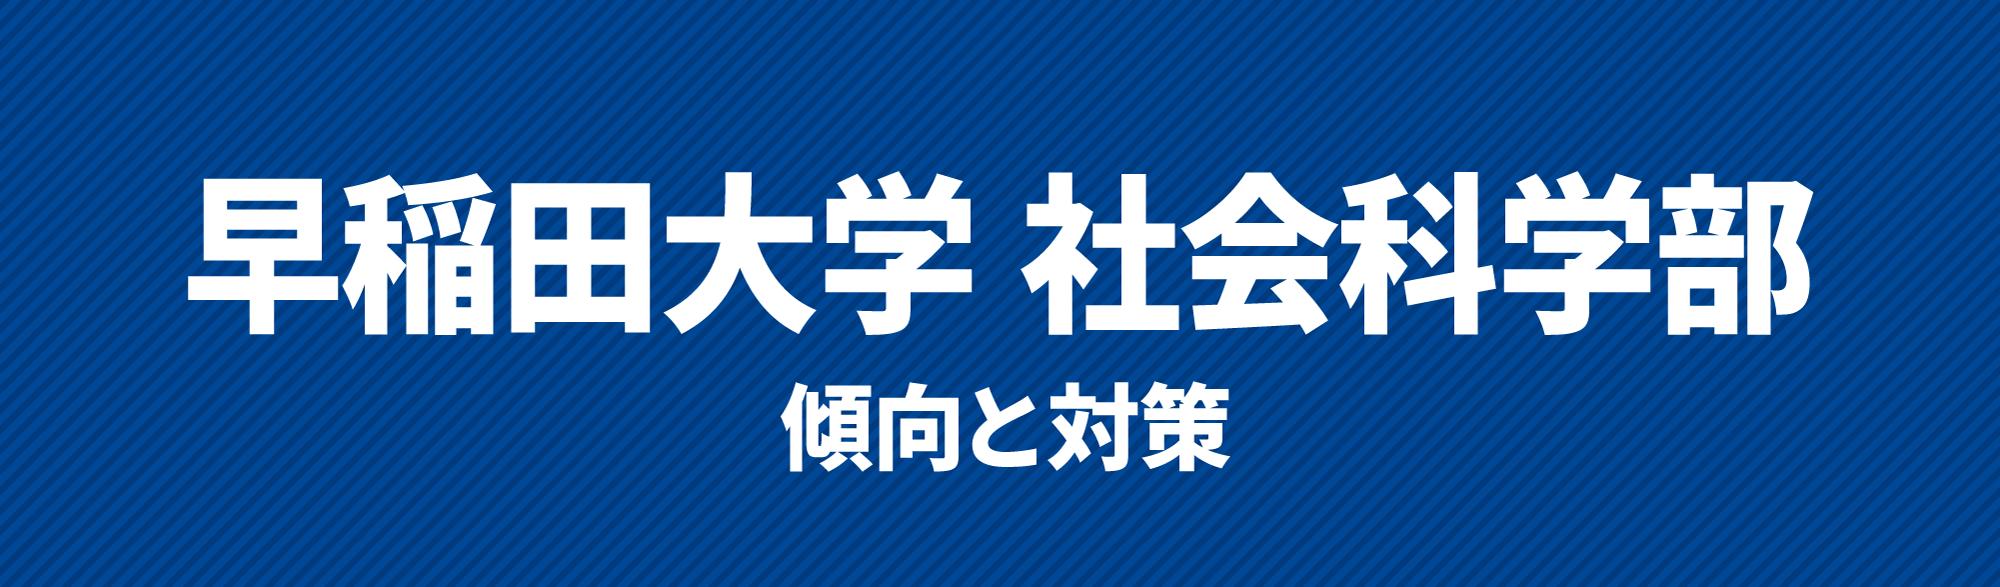 早稲田大学社会科学部傾向と対策